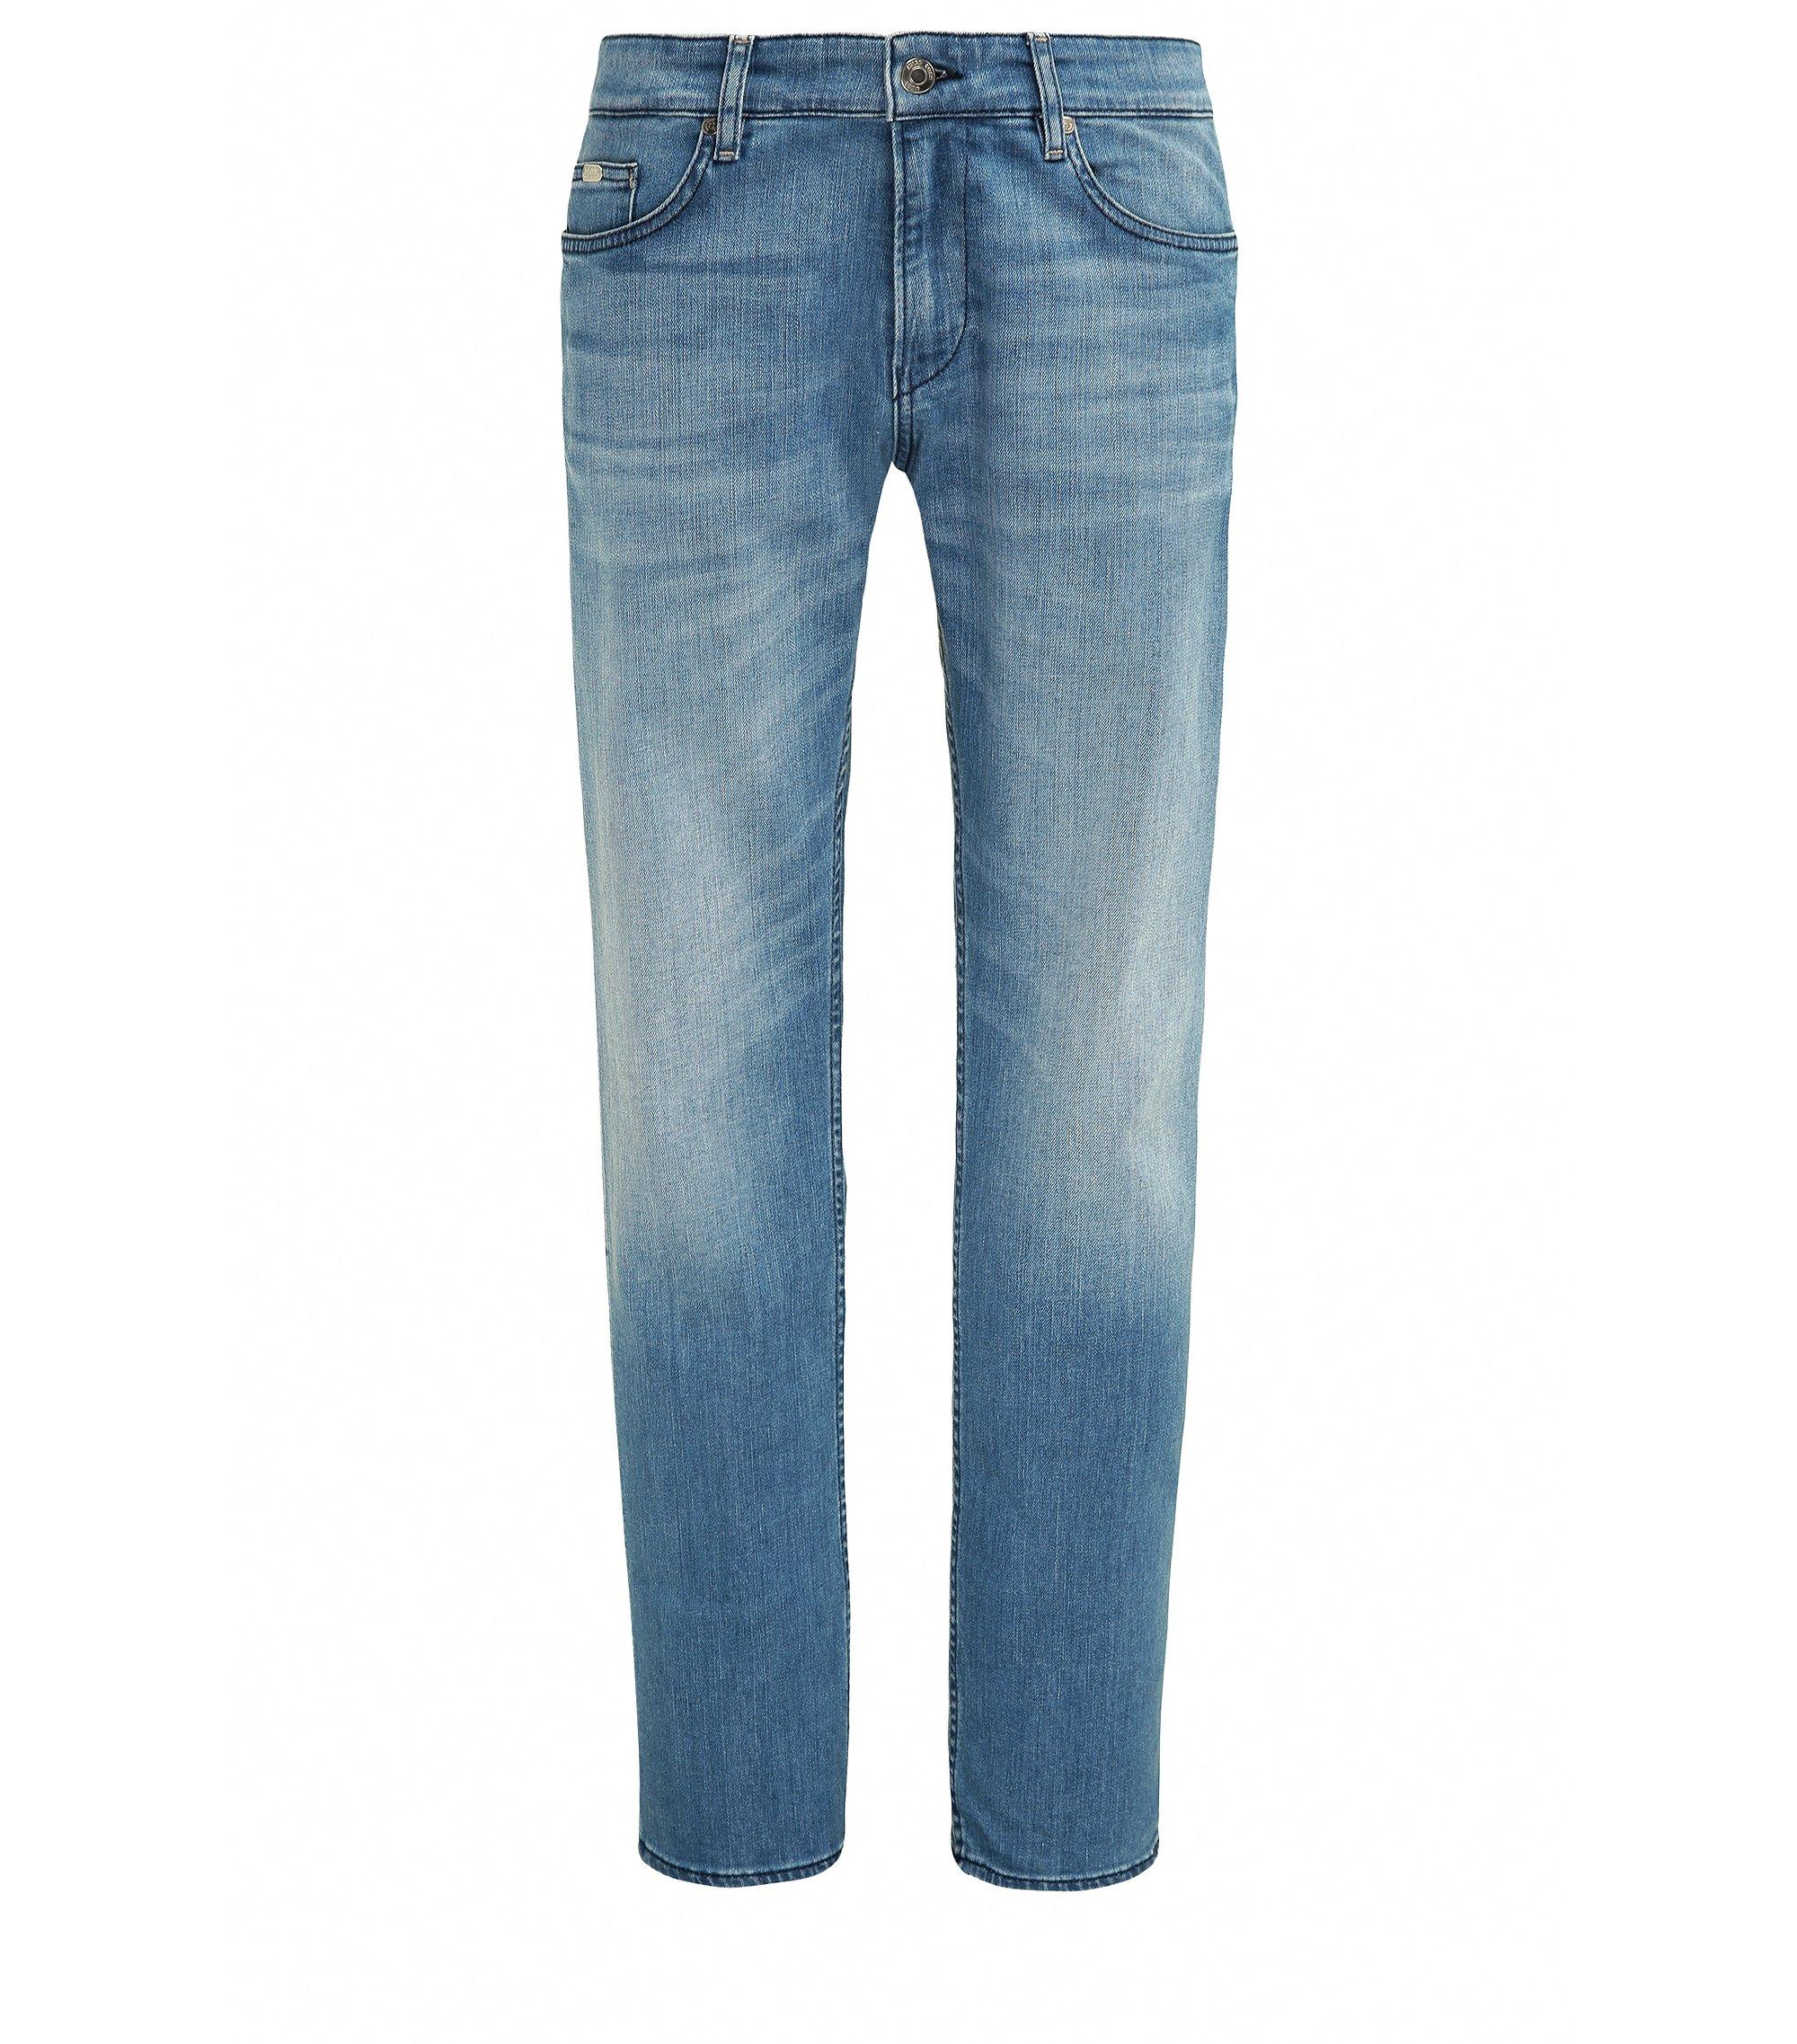 Slim-fit jeans in comfort-stretch denim, Blue